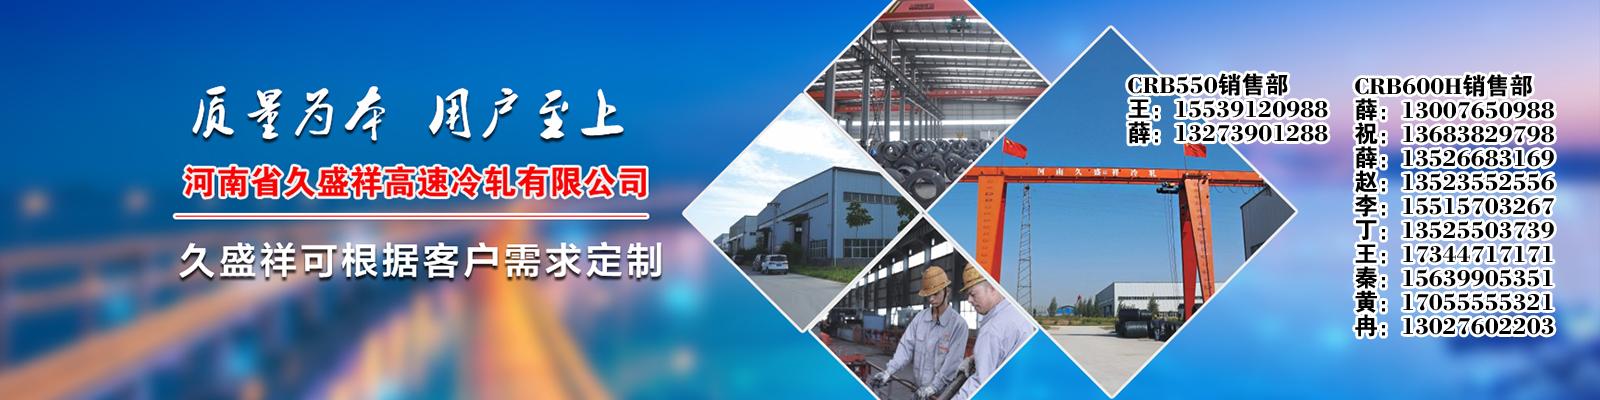 河南省久盛祥高速冷轧有限公司